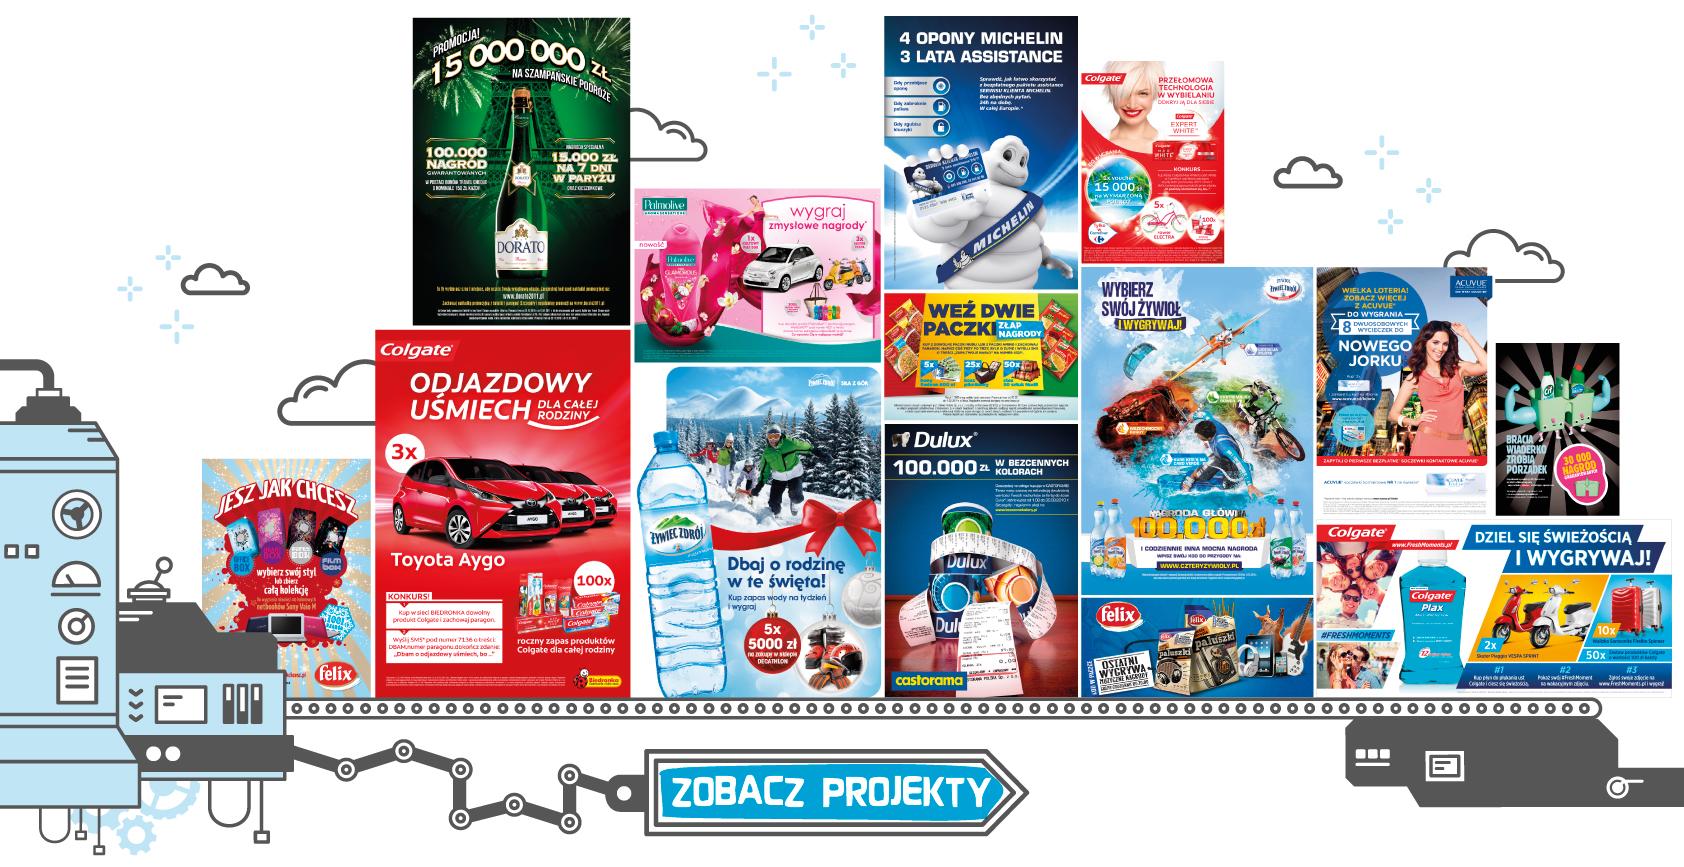 Los Mejores - Projekty materiałów POS do promocji